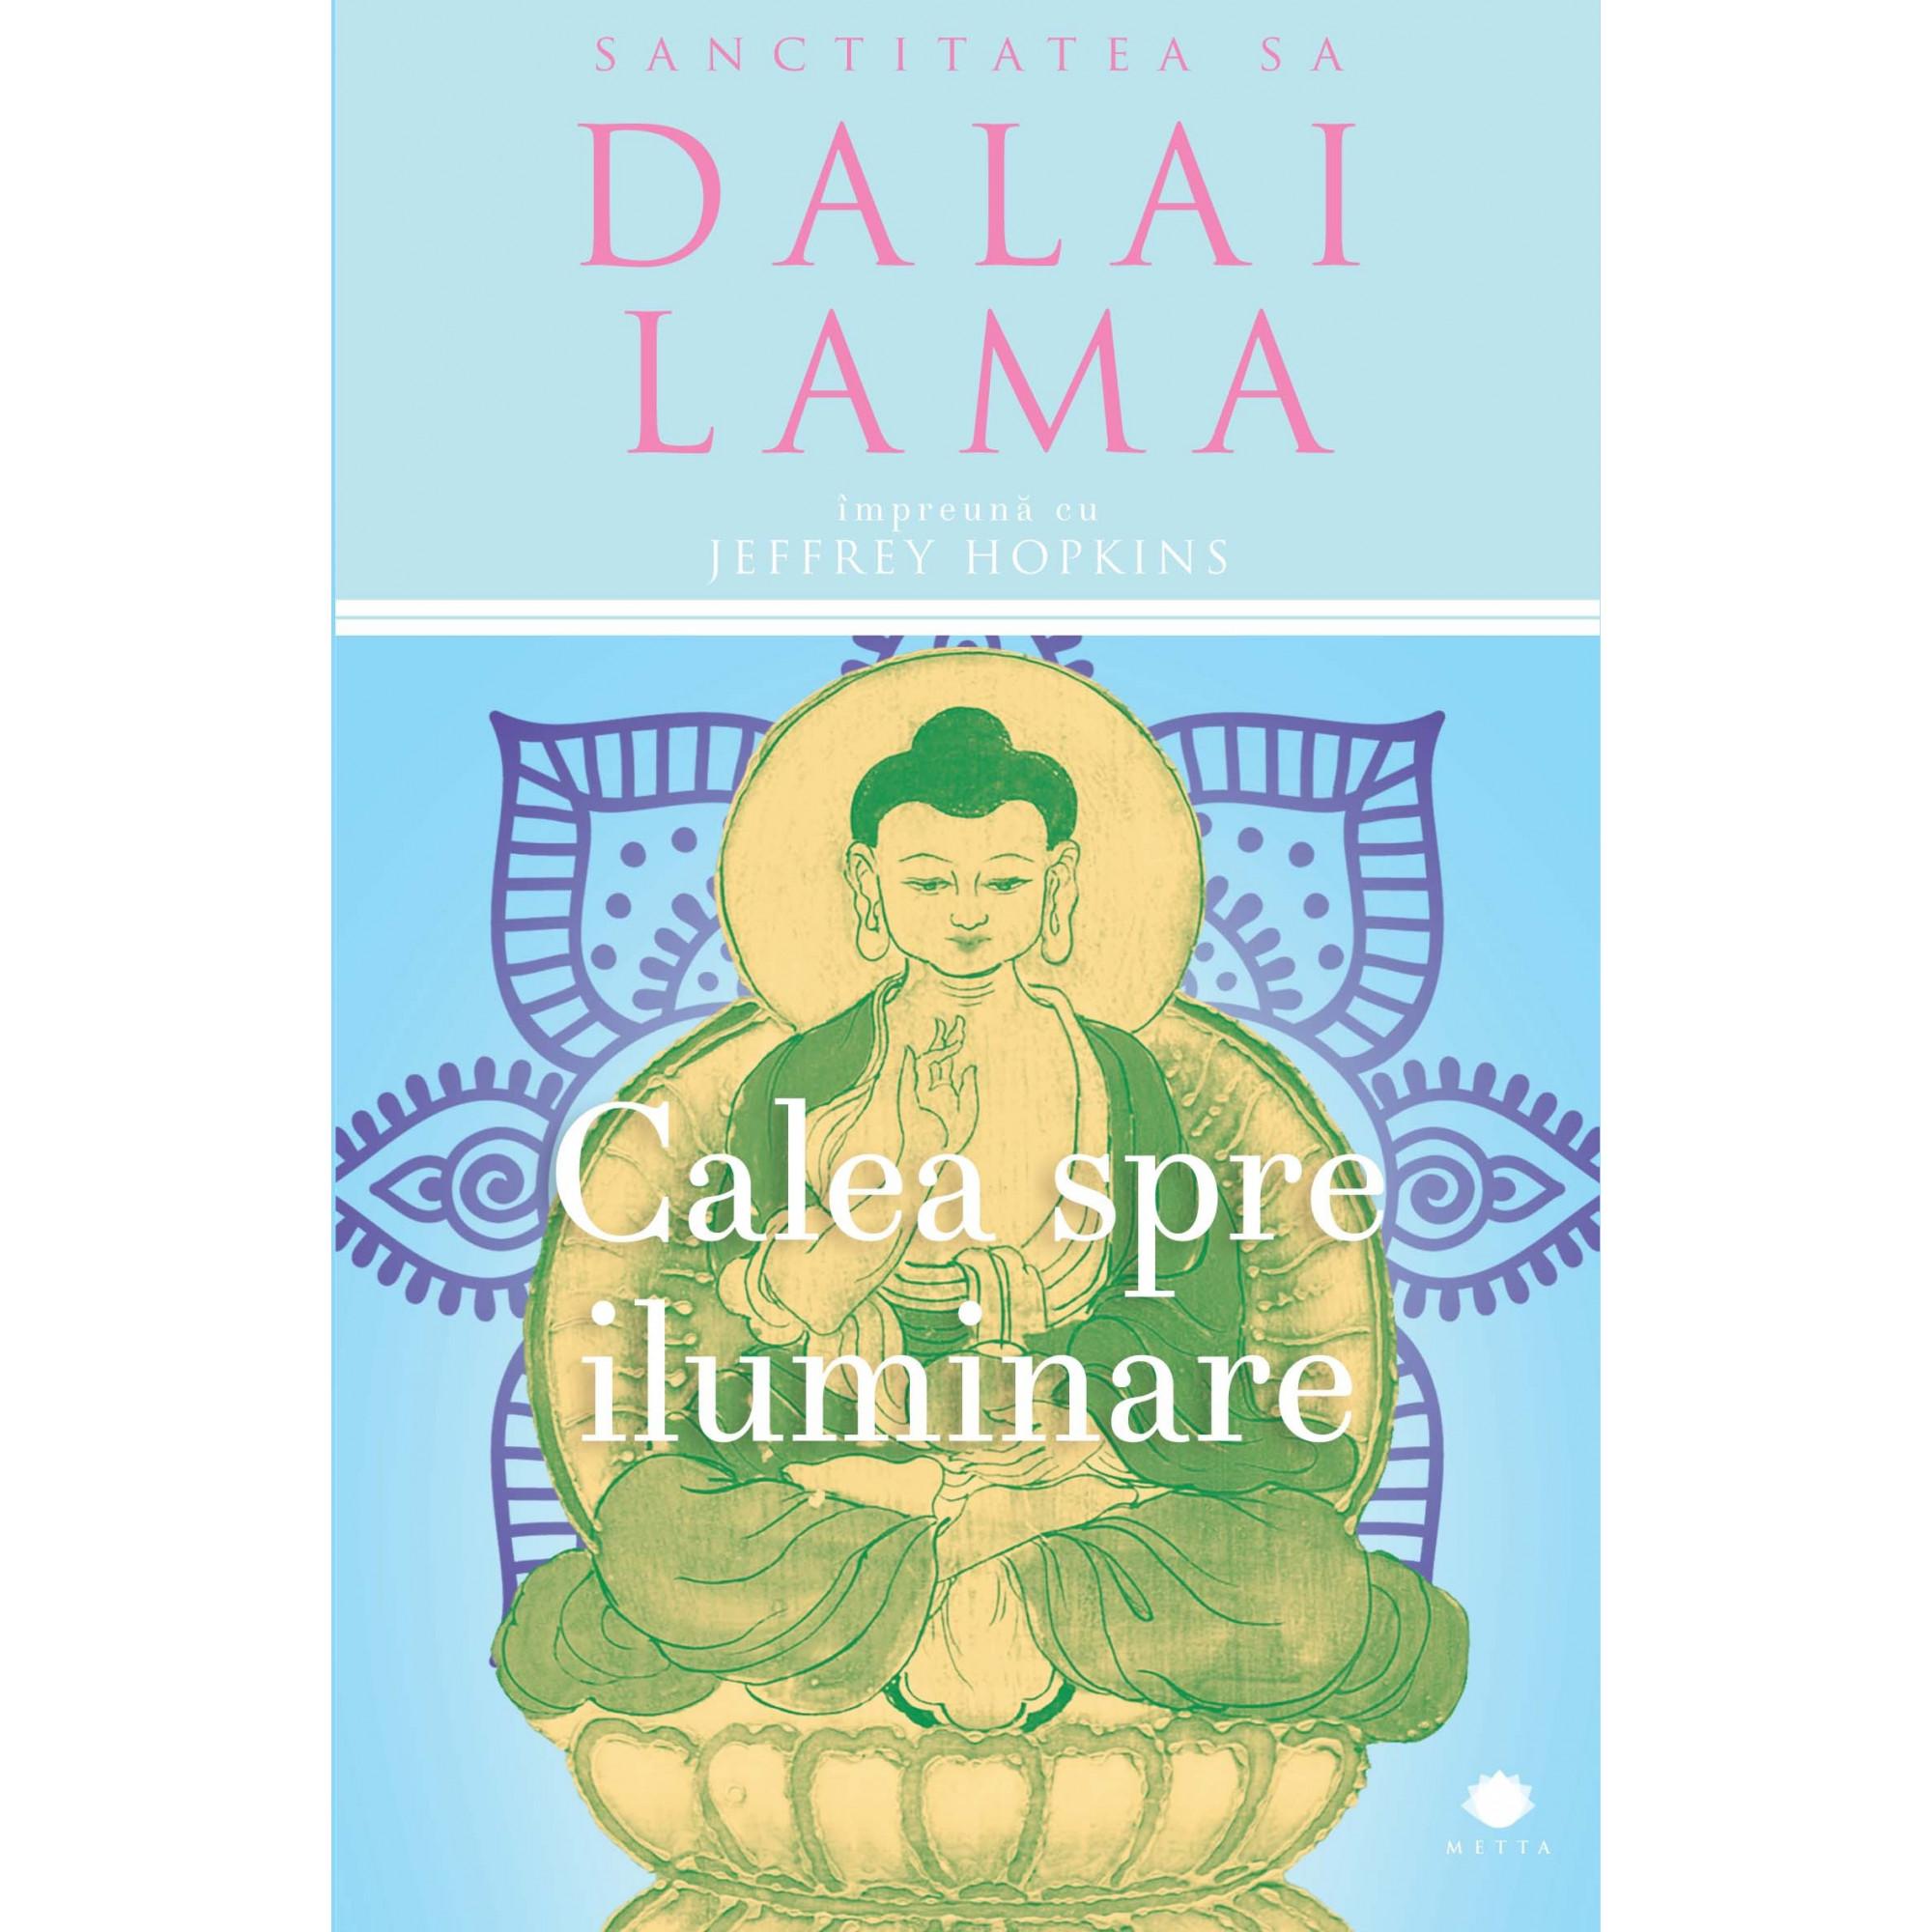 Calea spre iluminare; Sanctitatea Sa Dalai Lama împreună cu Jeffrey Hopkins